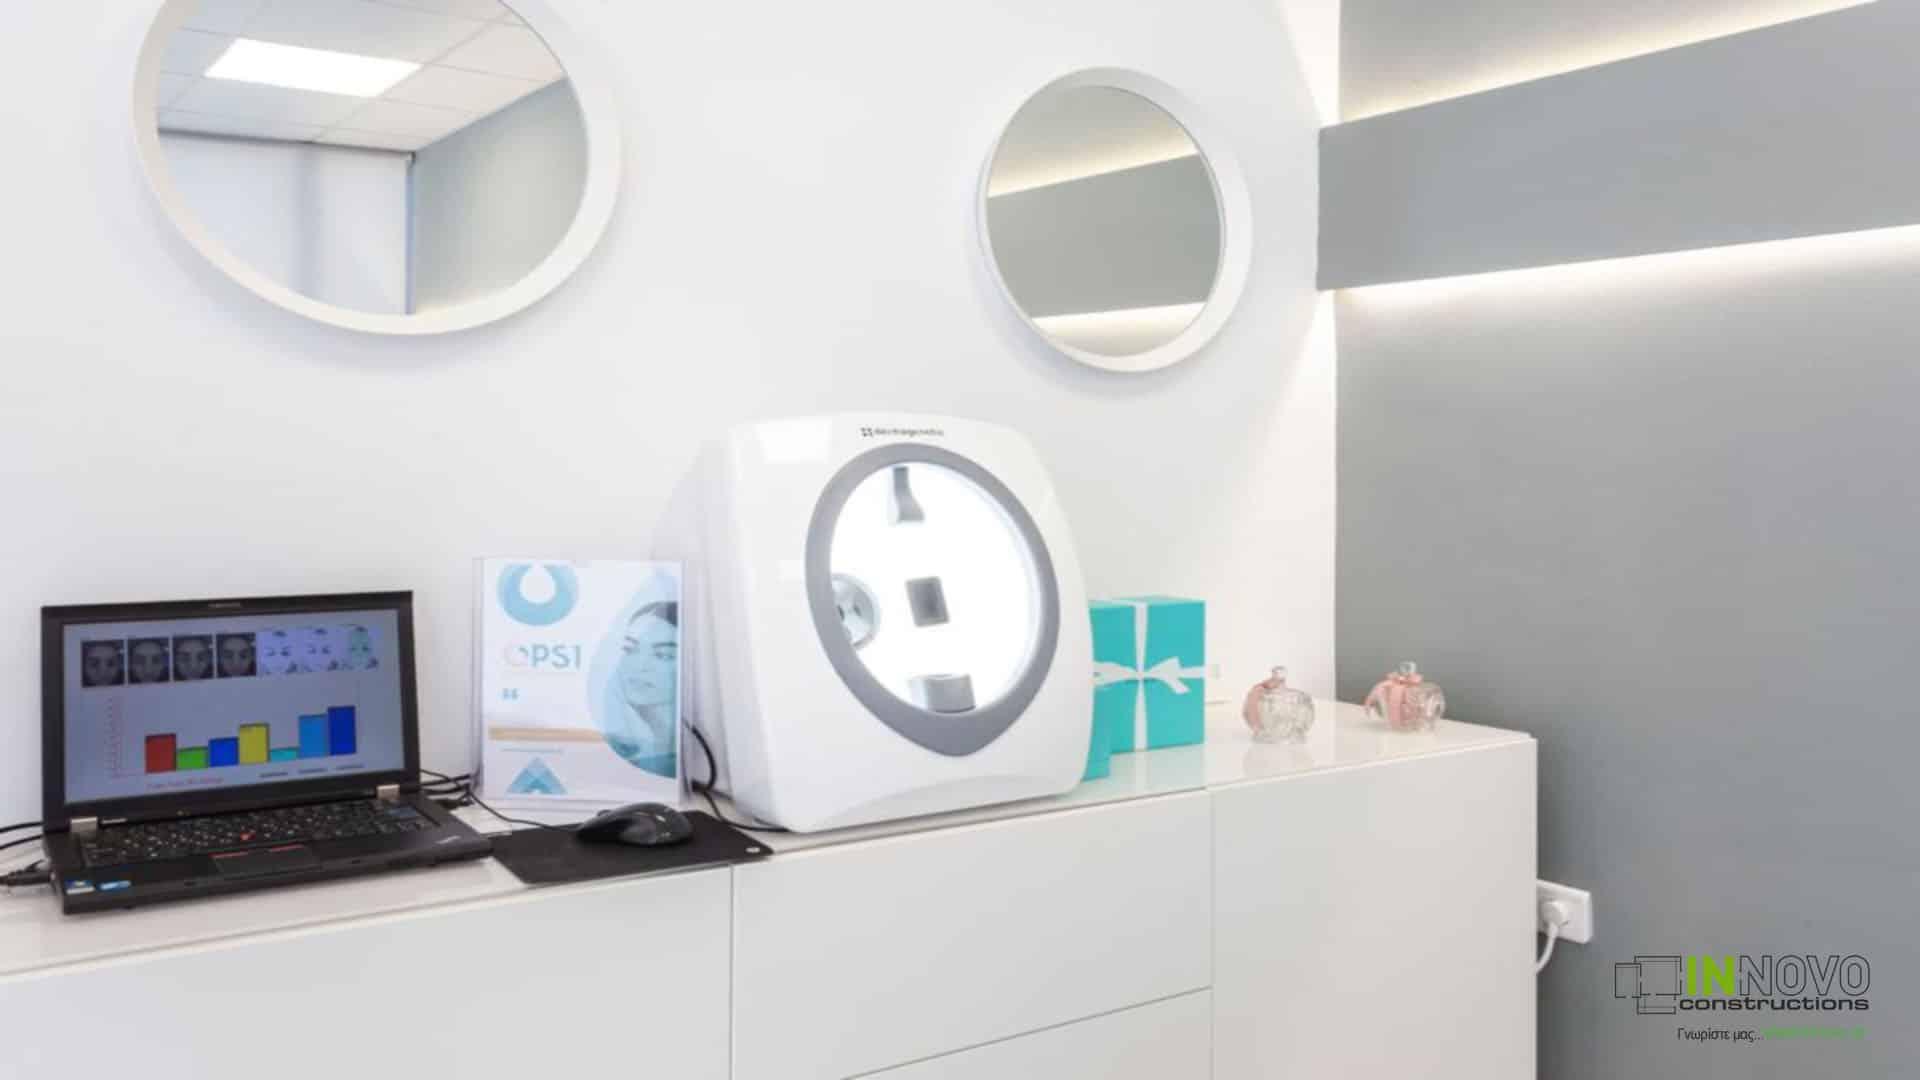 Κατασκευή δερματολογικού ιατρείου στην Ελευσίνα